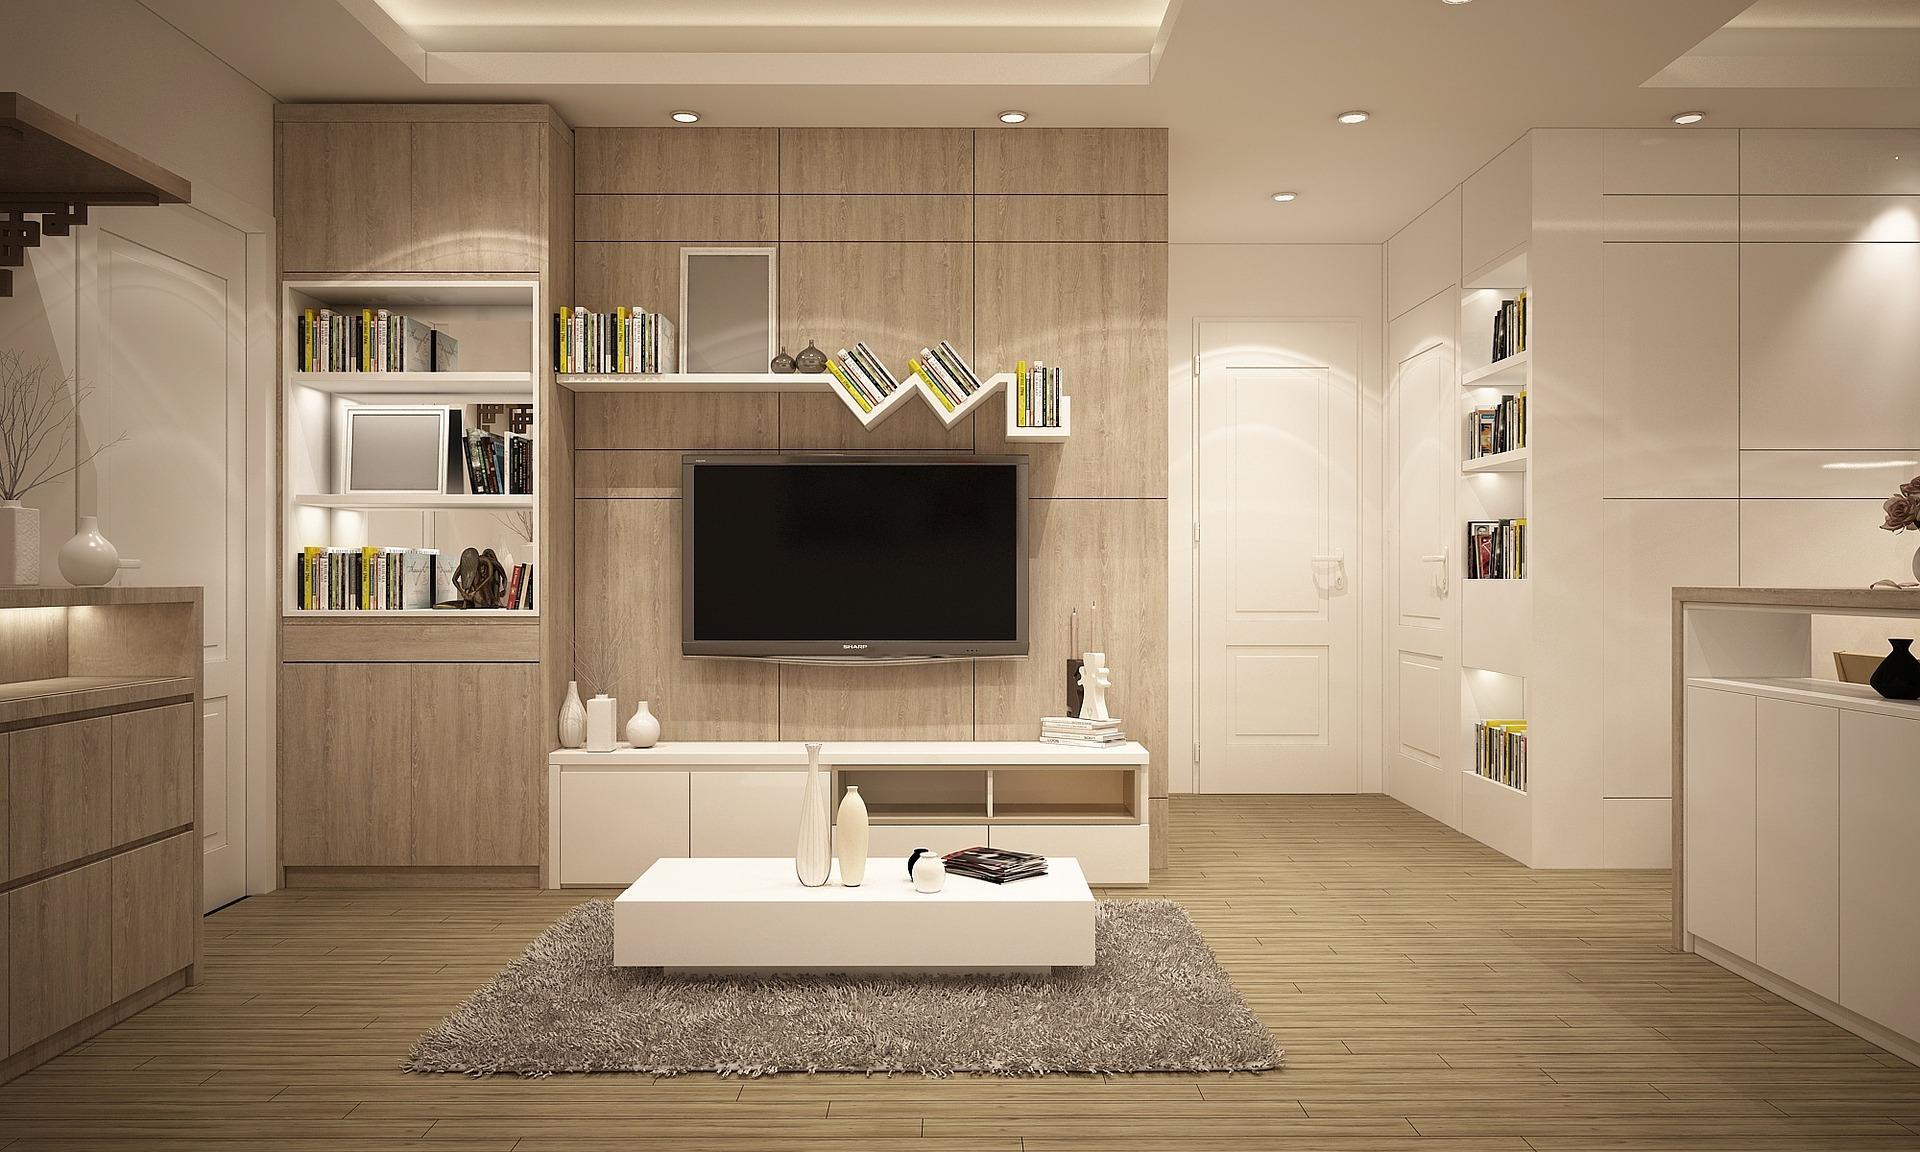 Haushaltsgeräte: Herstellergarantie vs. separate Elektronikversicherung:Wohnzimmer mit Fernseher im Mittelpunkt des Bildes.